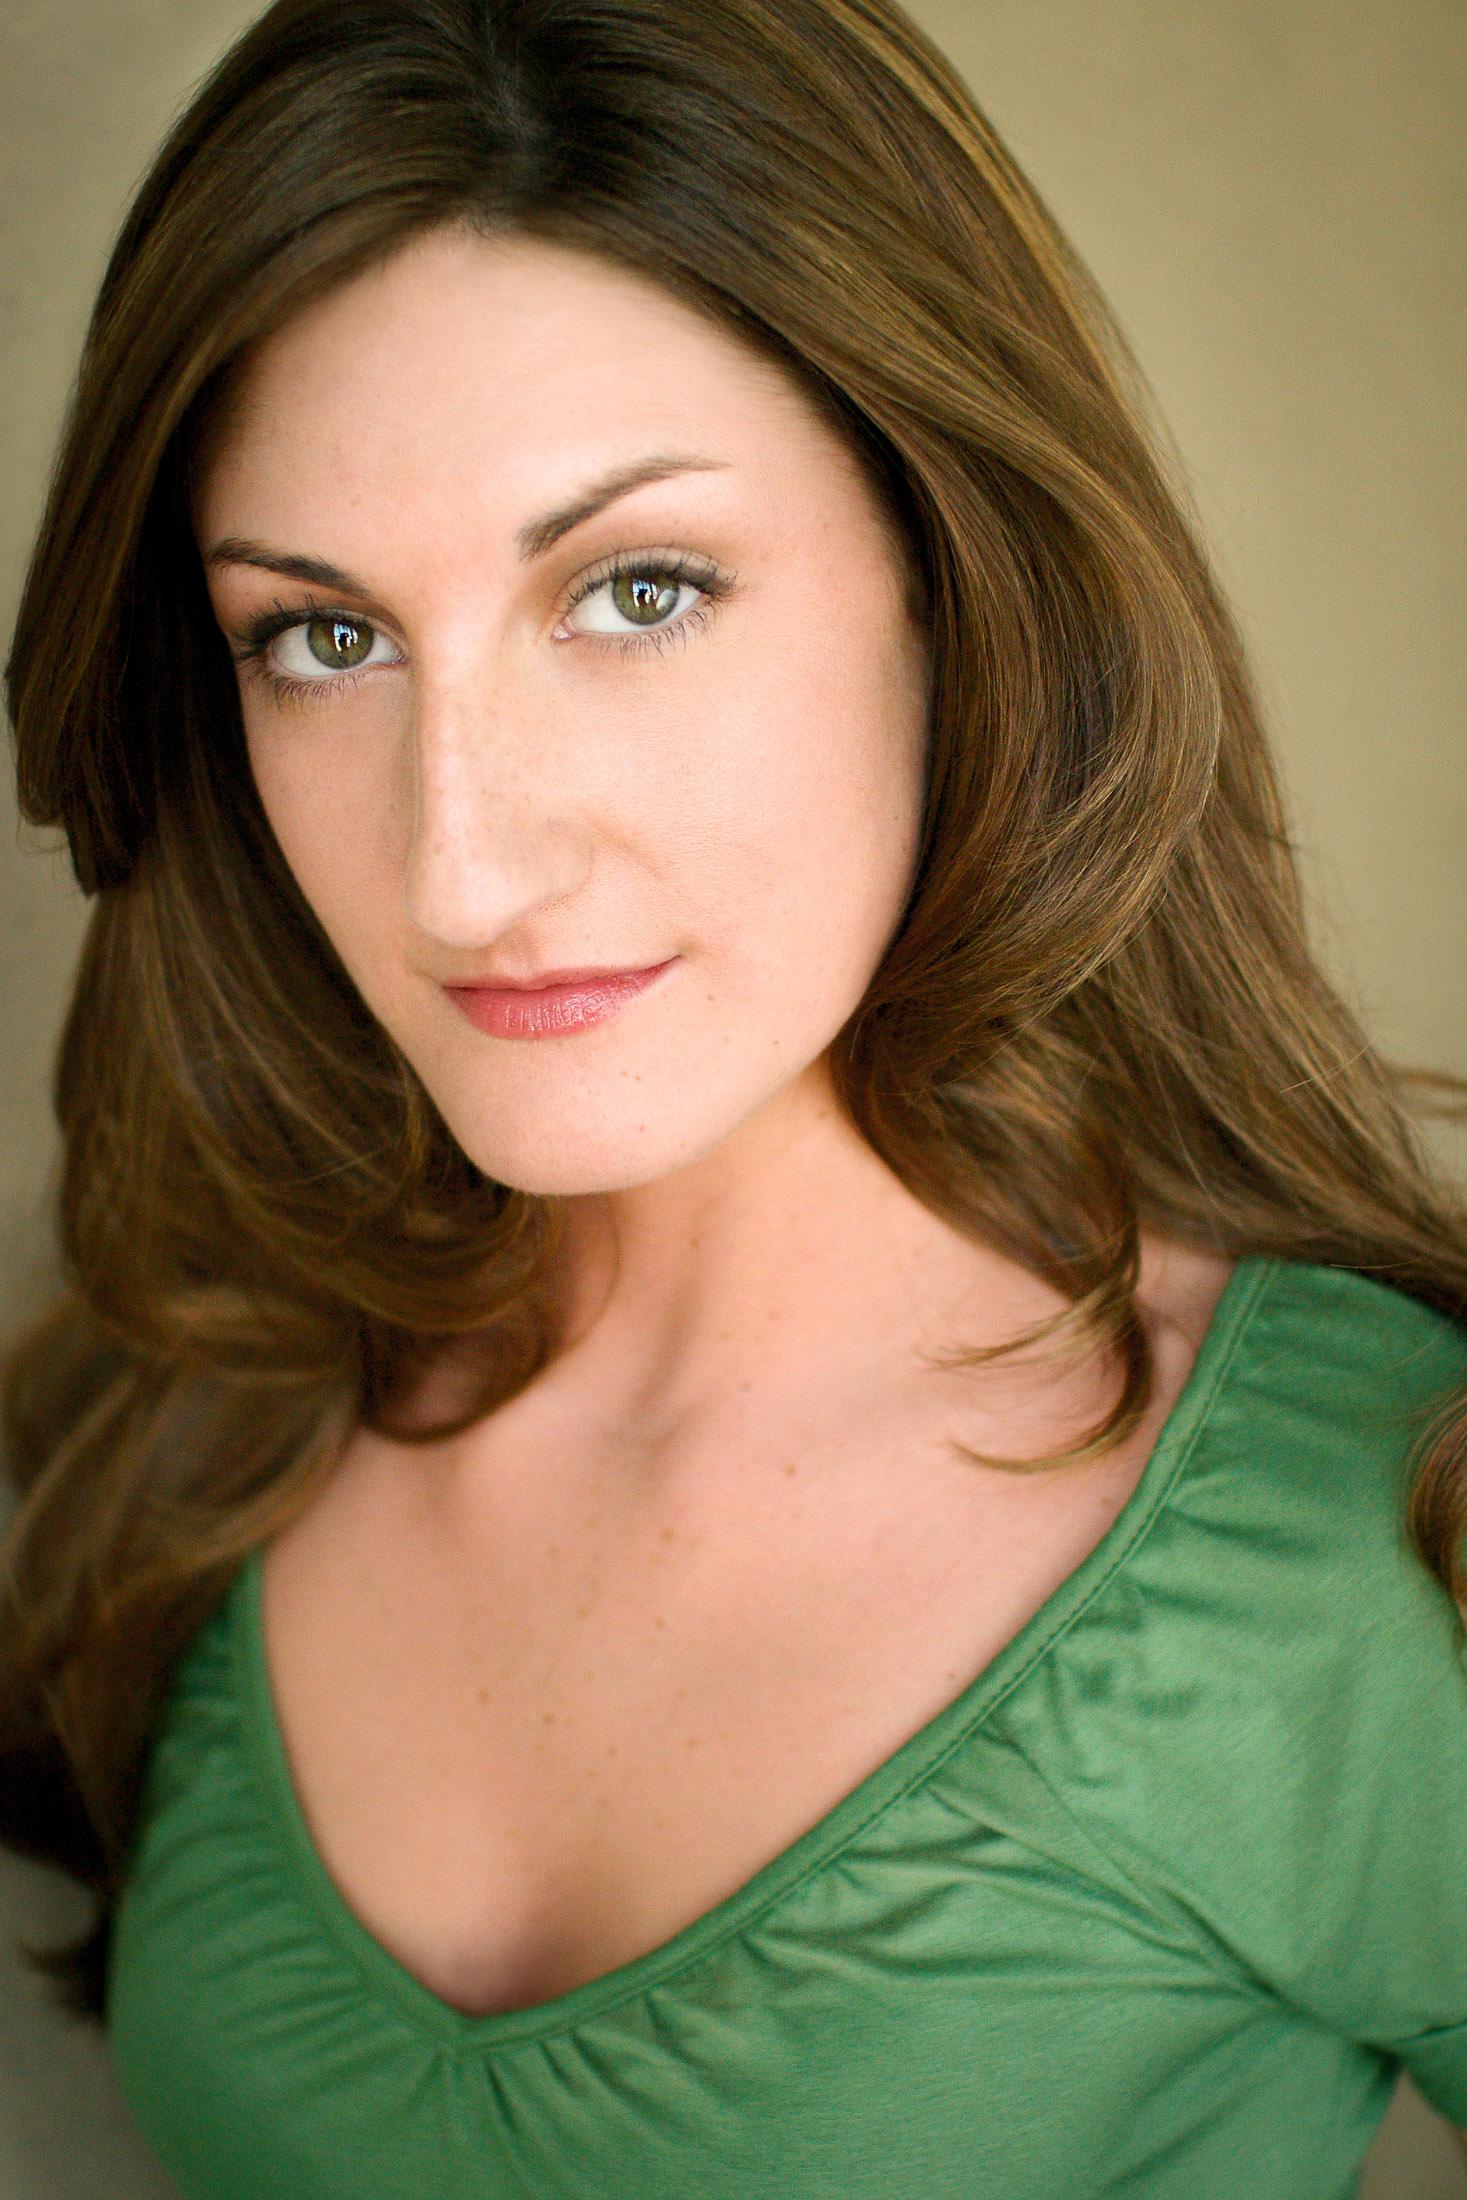 Headshots NYC - Actor Headshots Heidi A